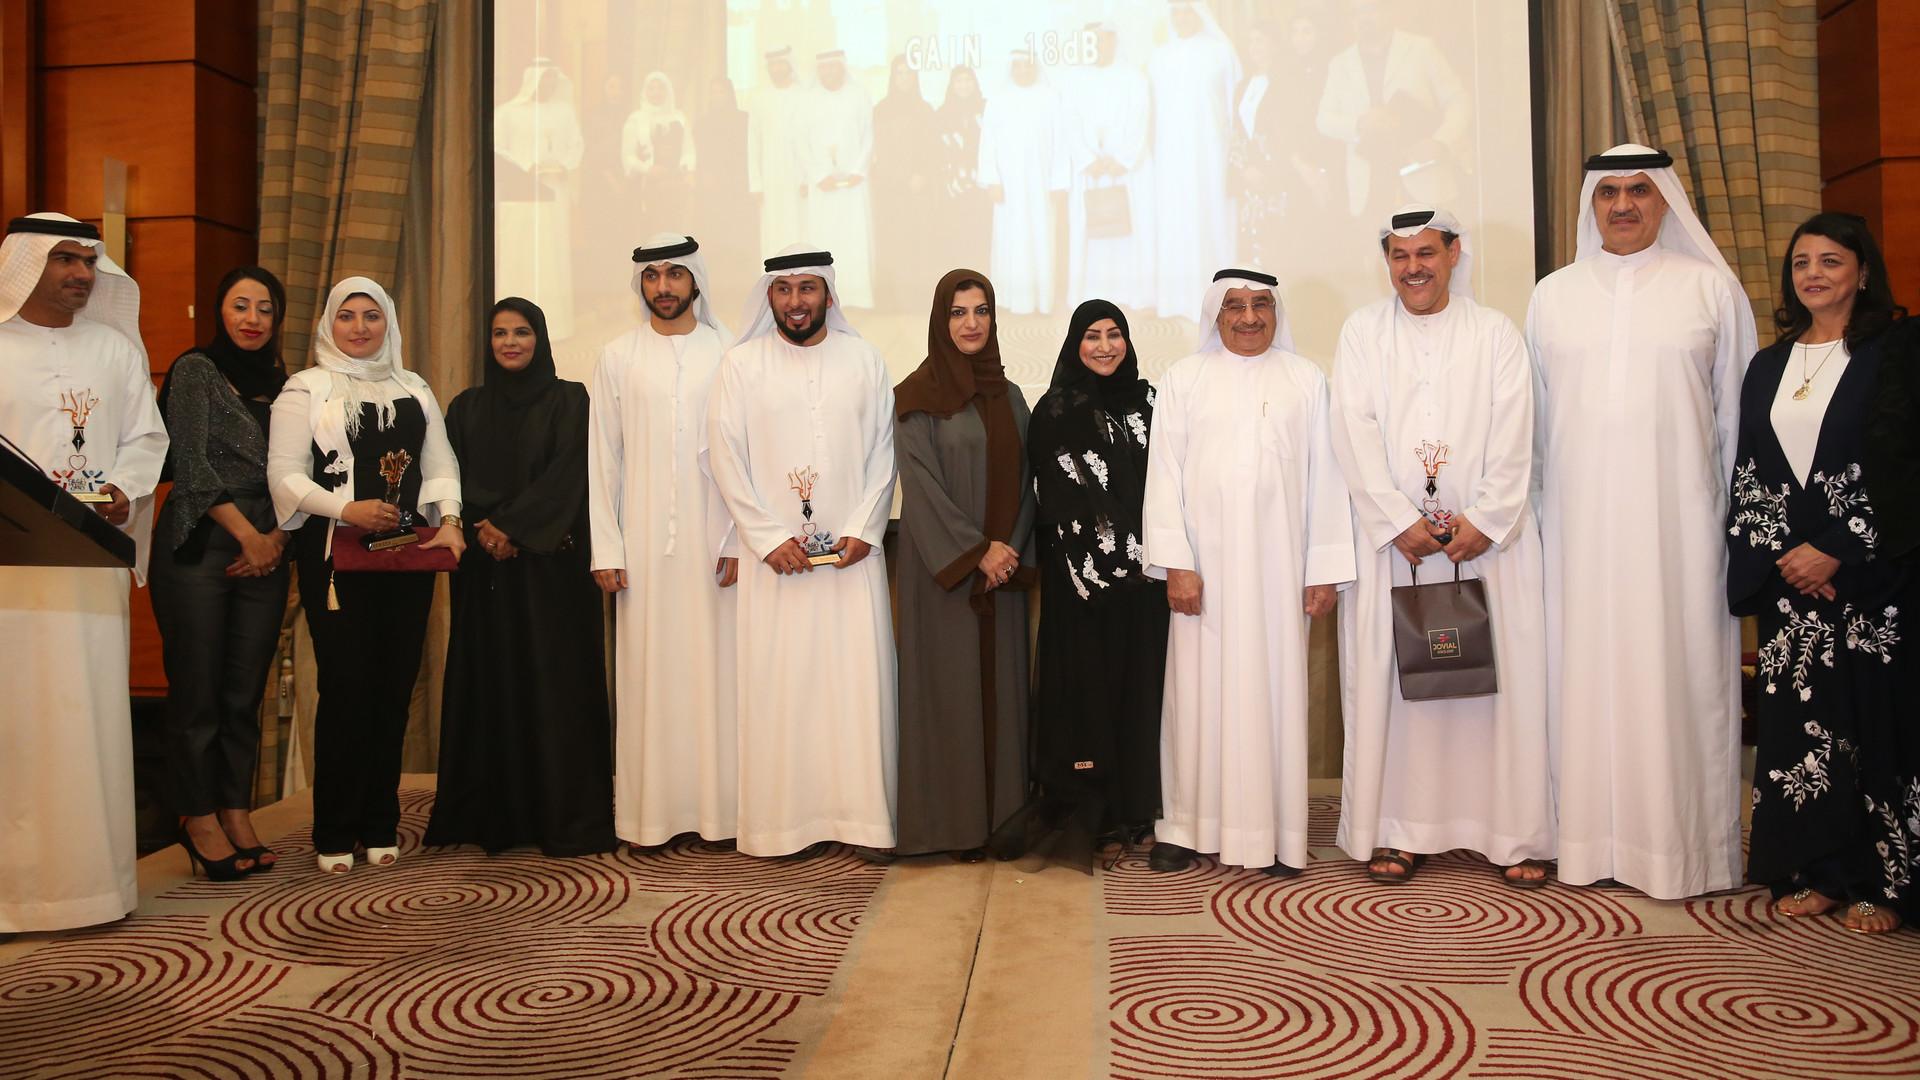 ملتقى تكريم الاعلاميين بحضور عبد الكريم جلفار مدير عام هيئة تنمية المجتمع.JPG